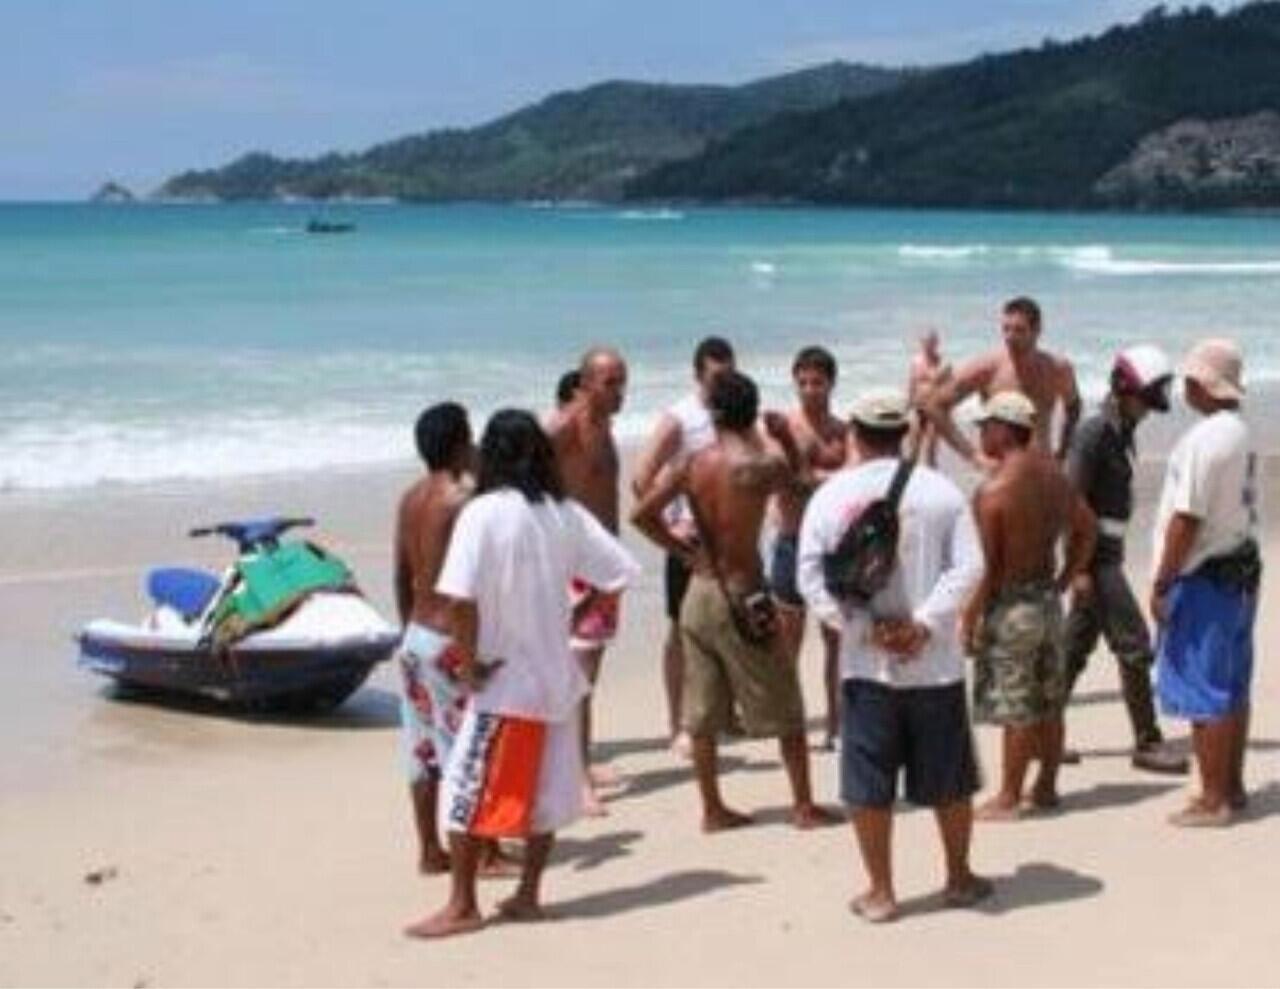 """Hati-Hati! Praktik Penipuan """"Jetski Scam"""" yang Menjamur di Thailand. Waduh!"""